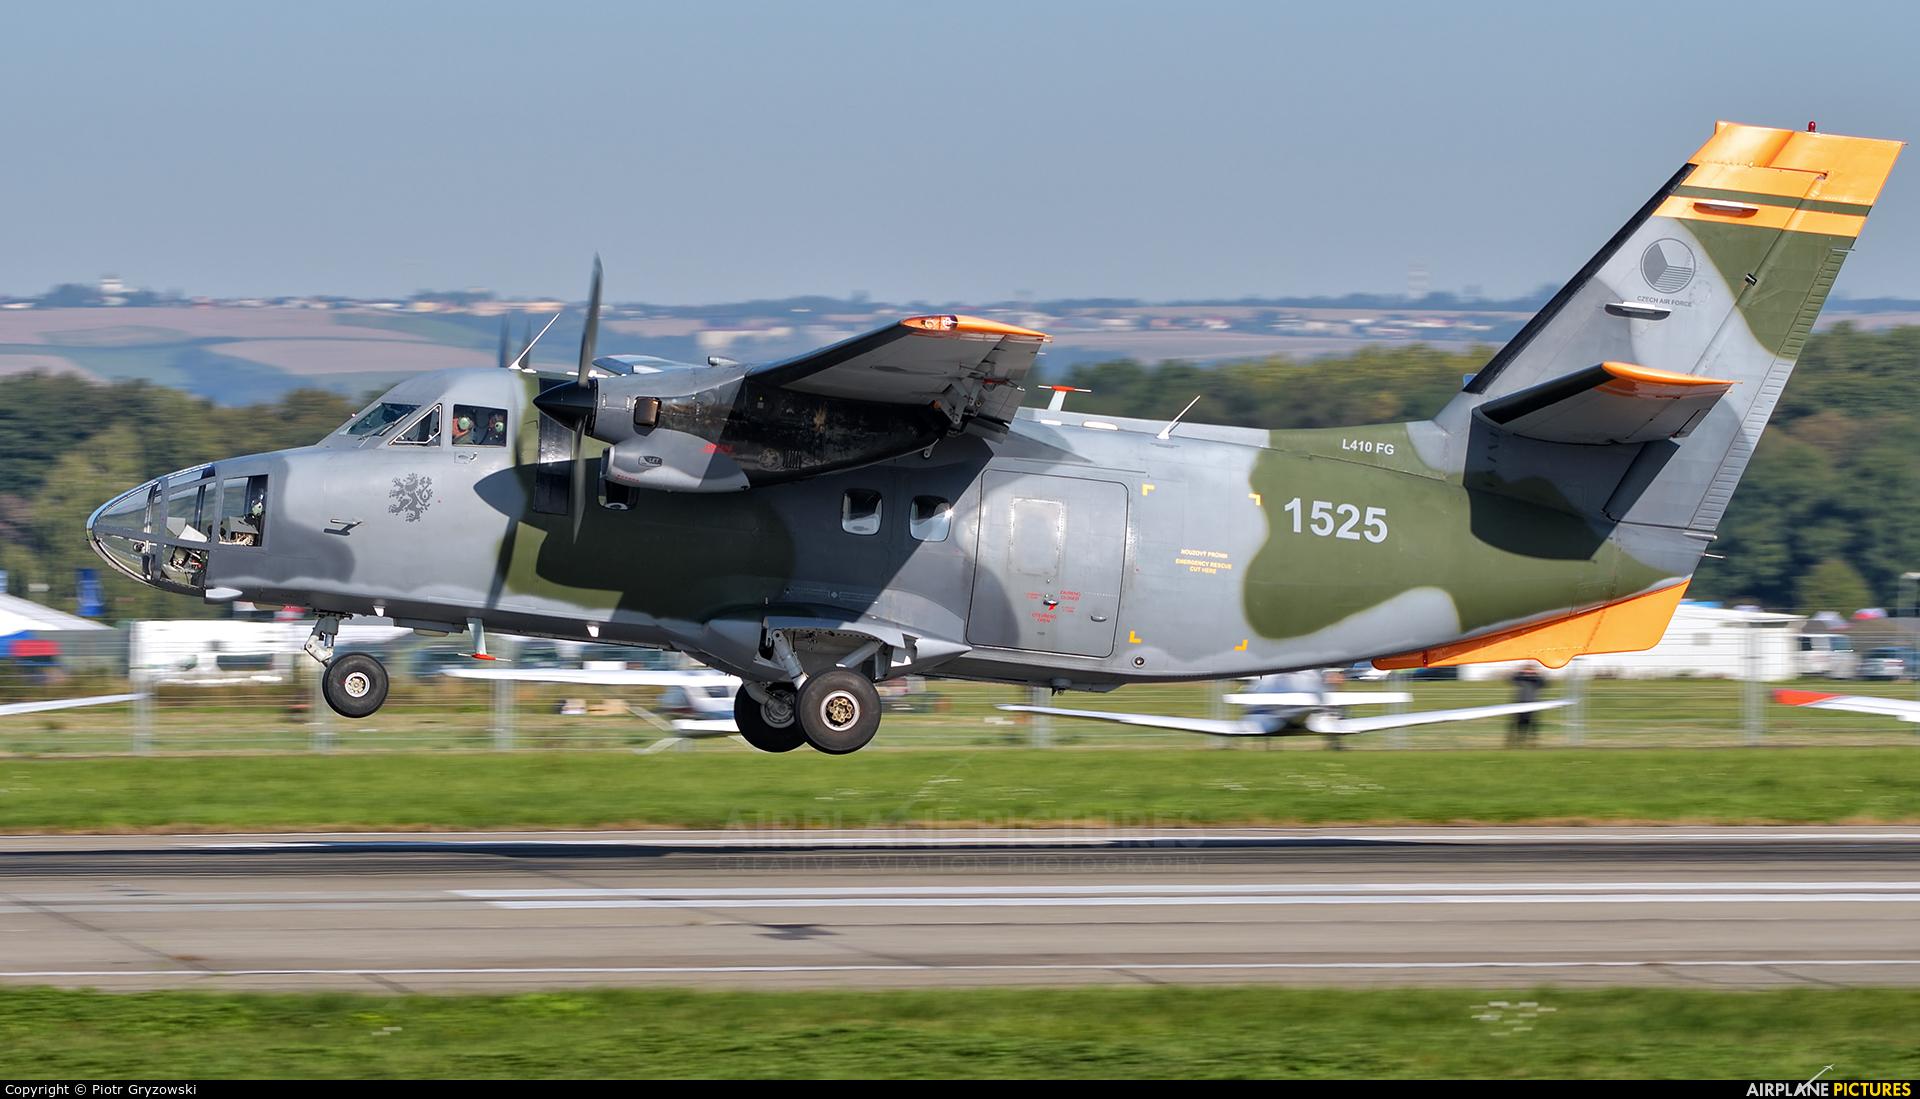 Czech - Air Force 1525 aircraft at Ostrava Mošnov